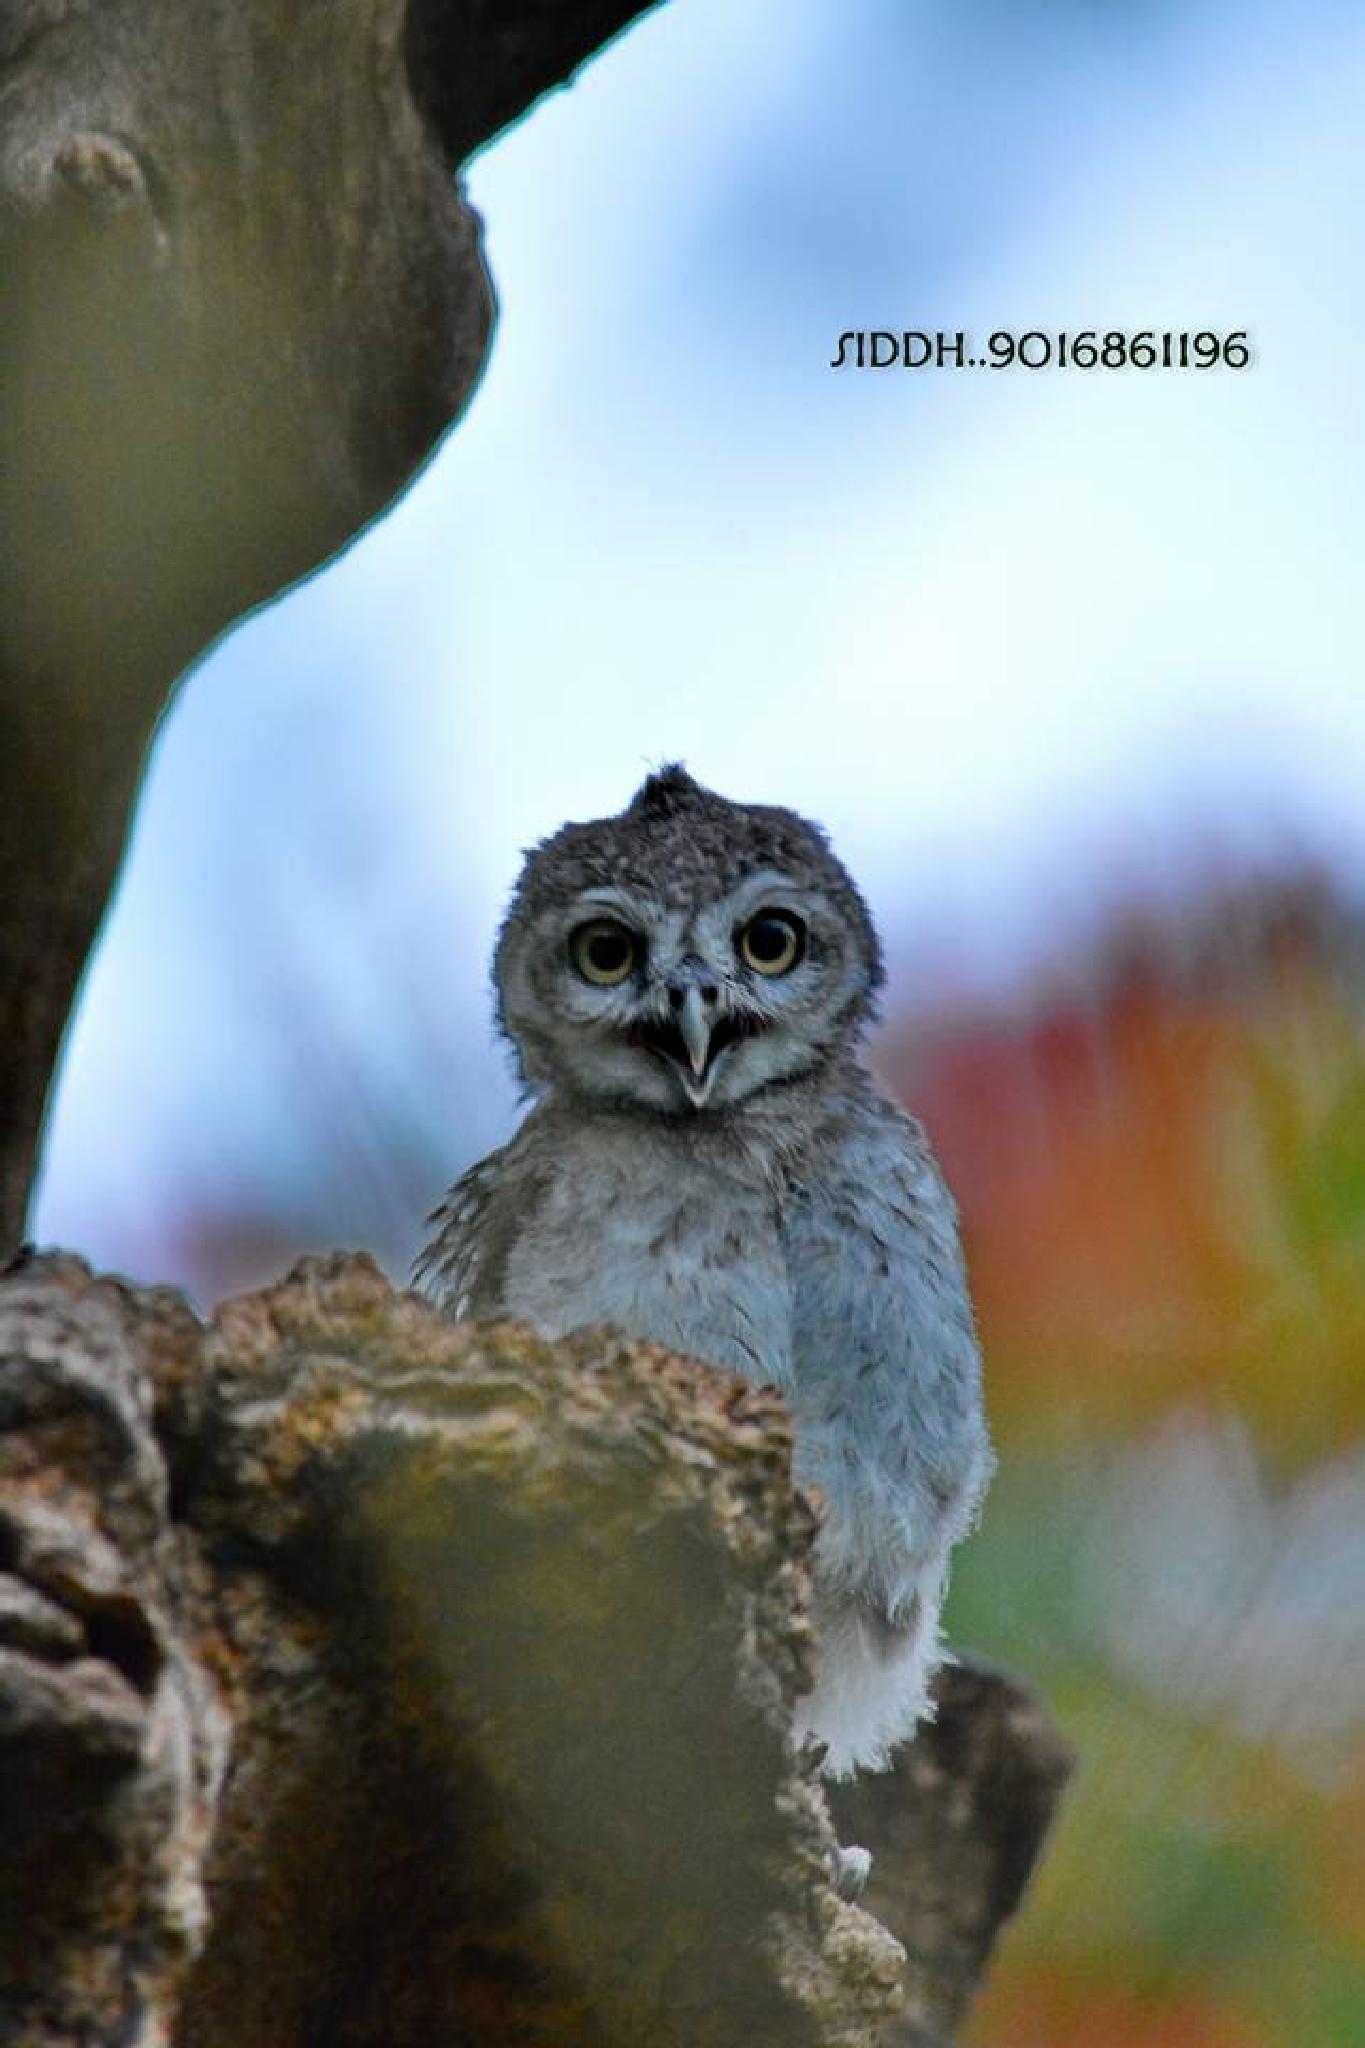 owl01 by siddharthrathod2007